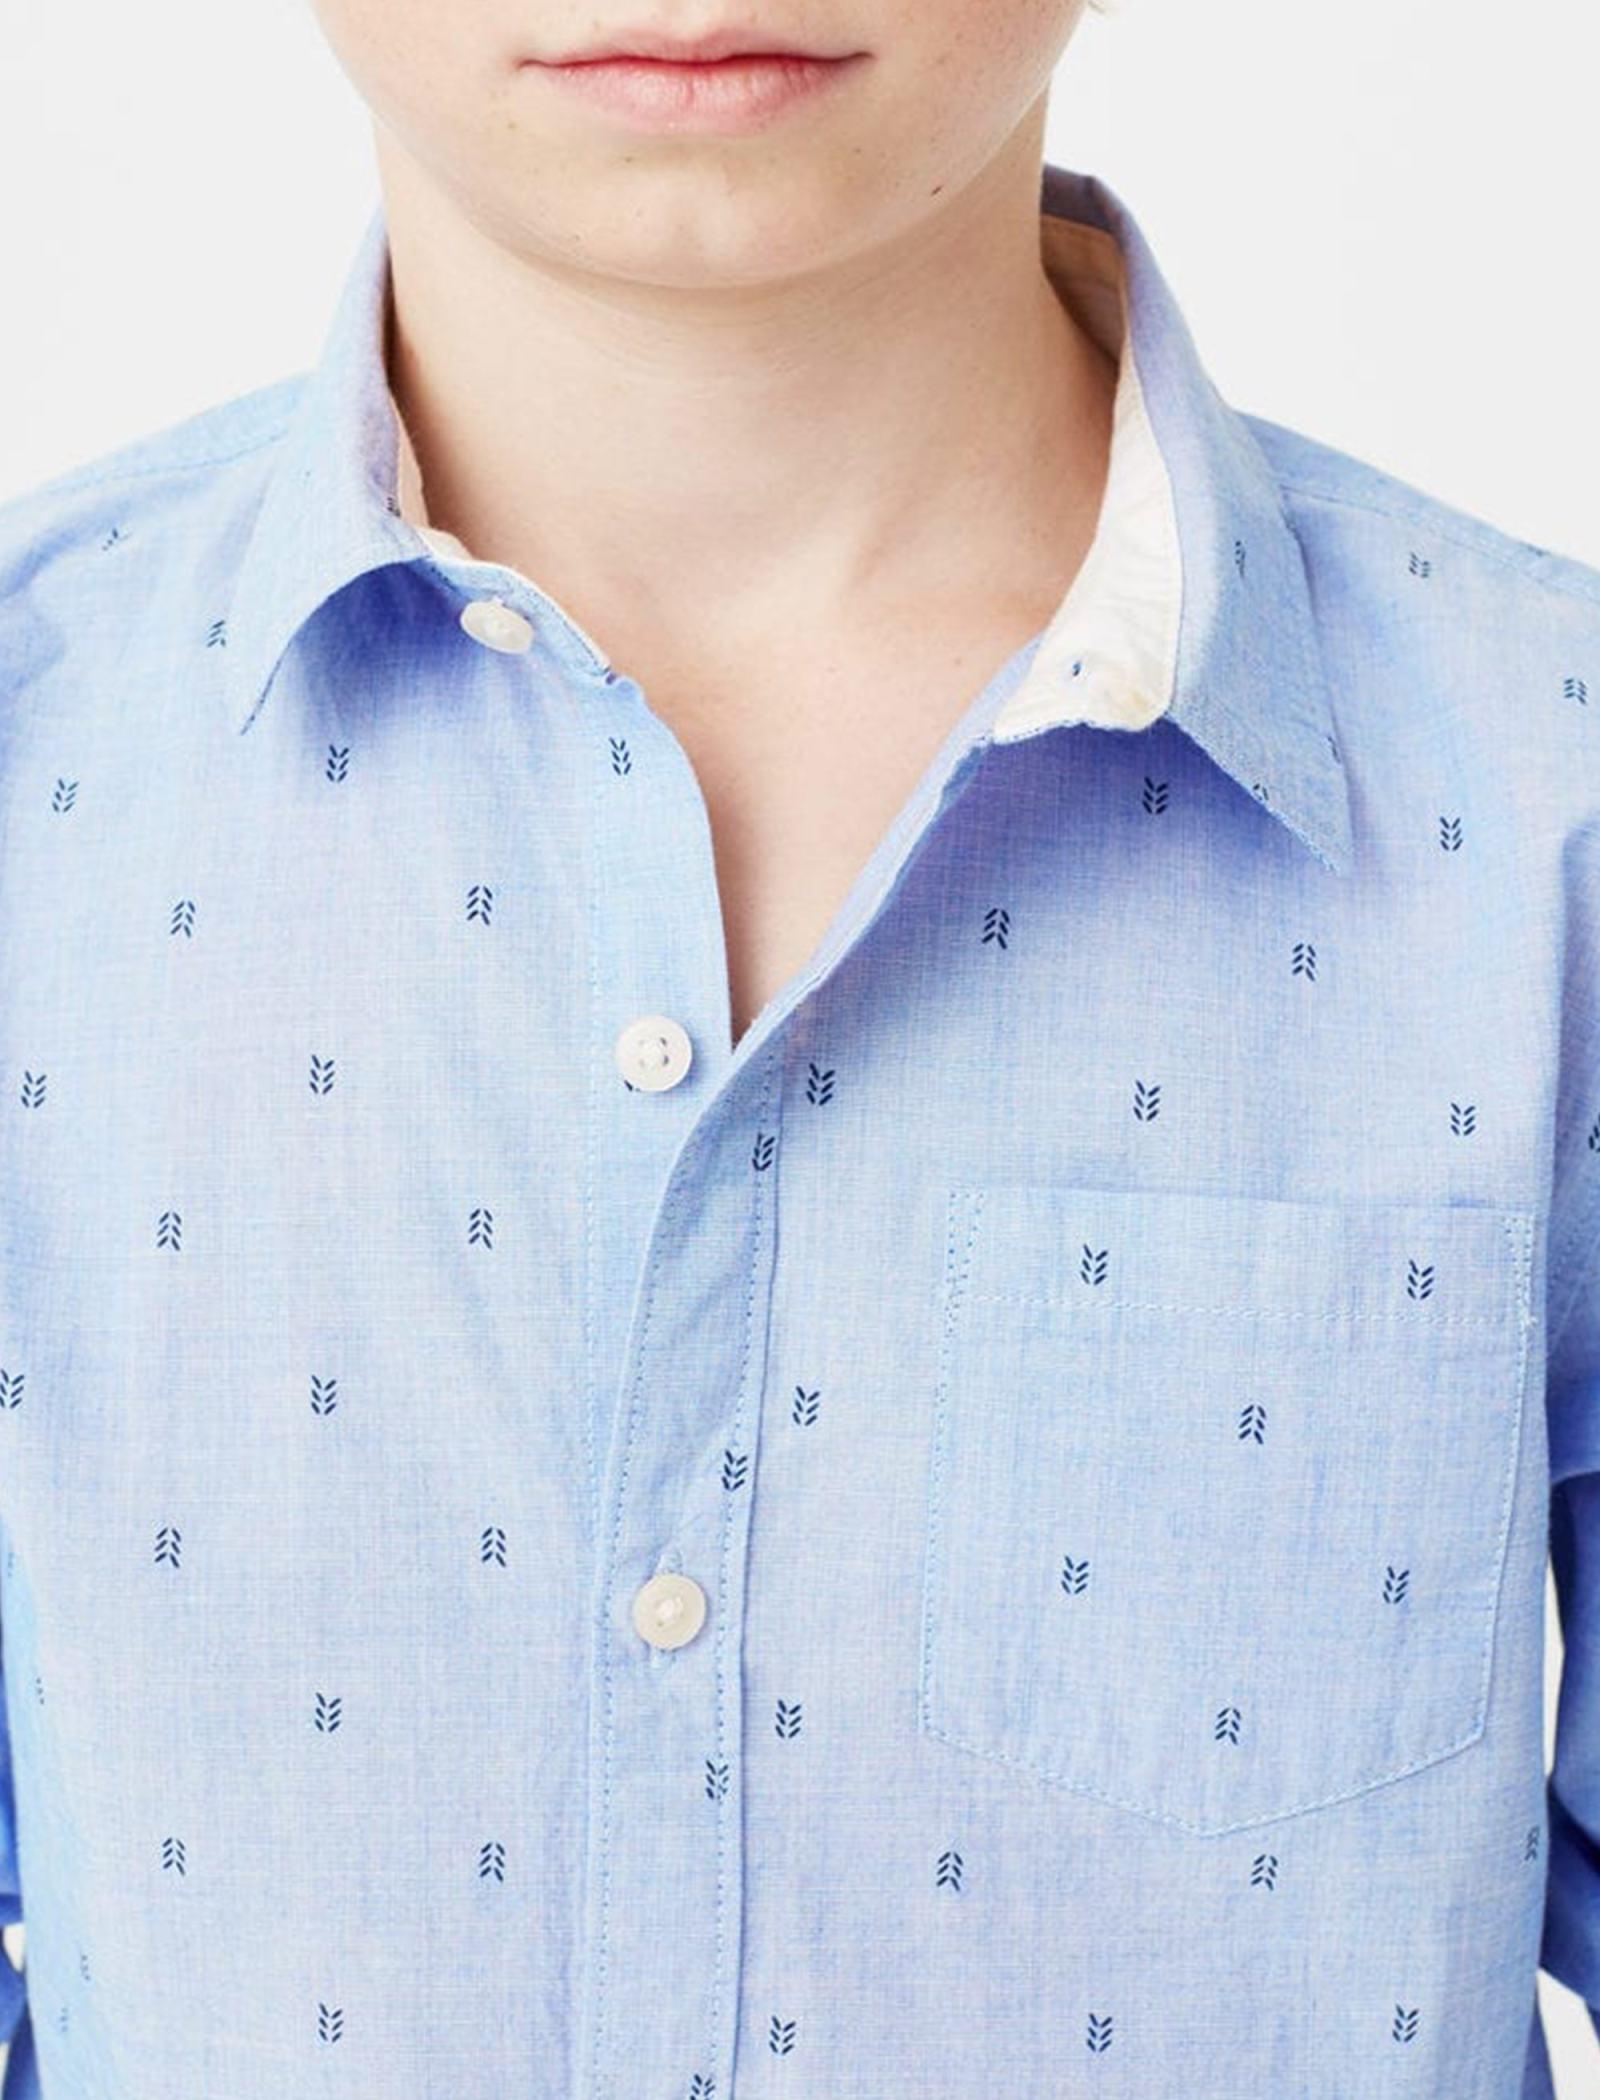 پیراهن نخی یقه برگردان پسرانه - مانگو - آبي - 8